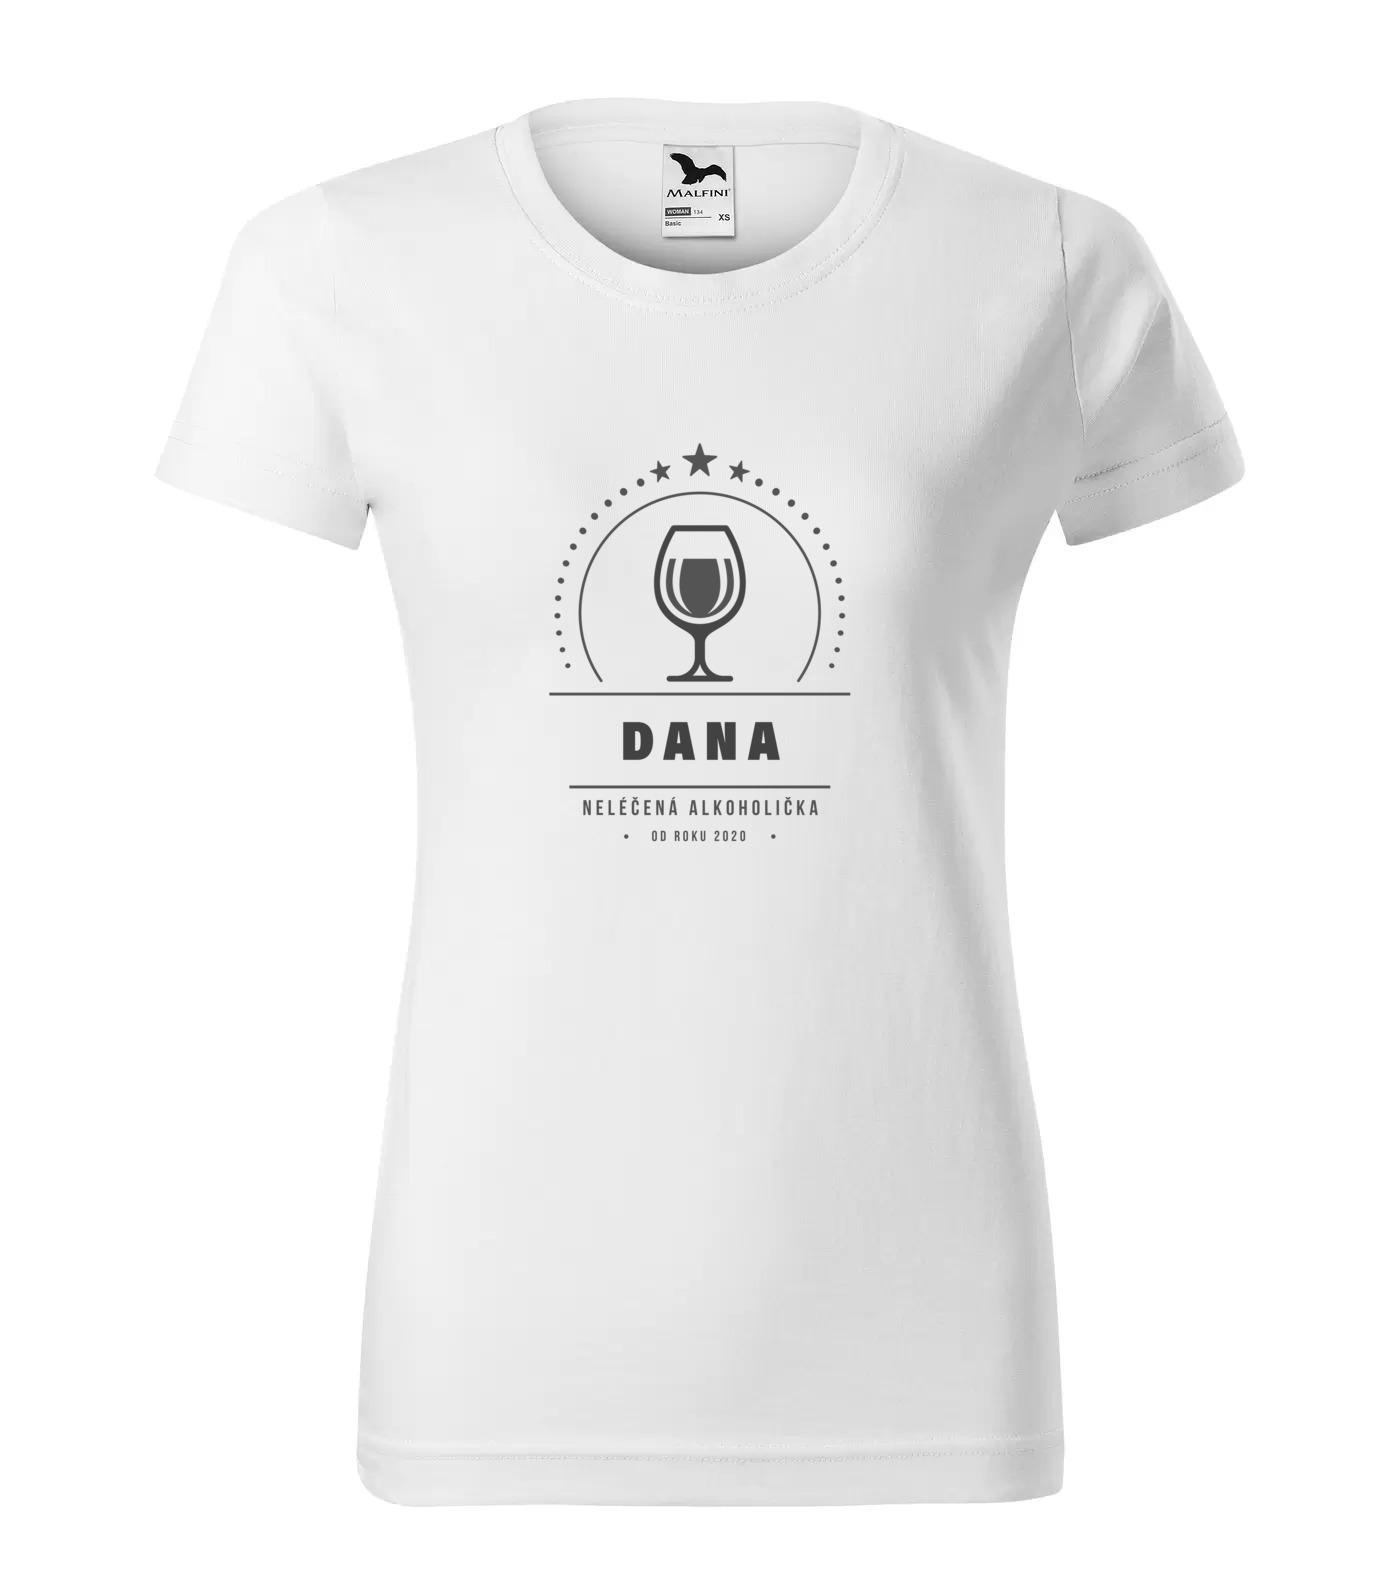 Tričko Alkoholička Dana